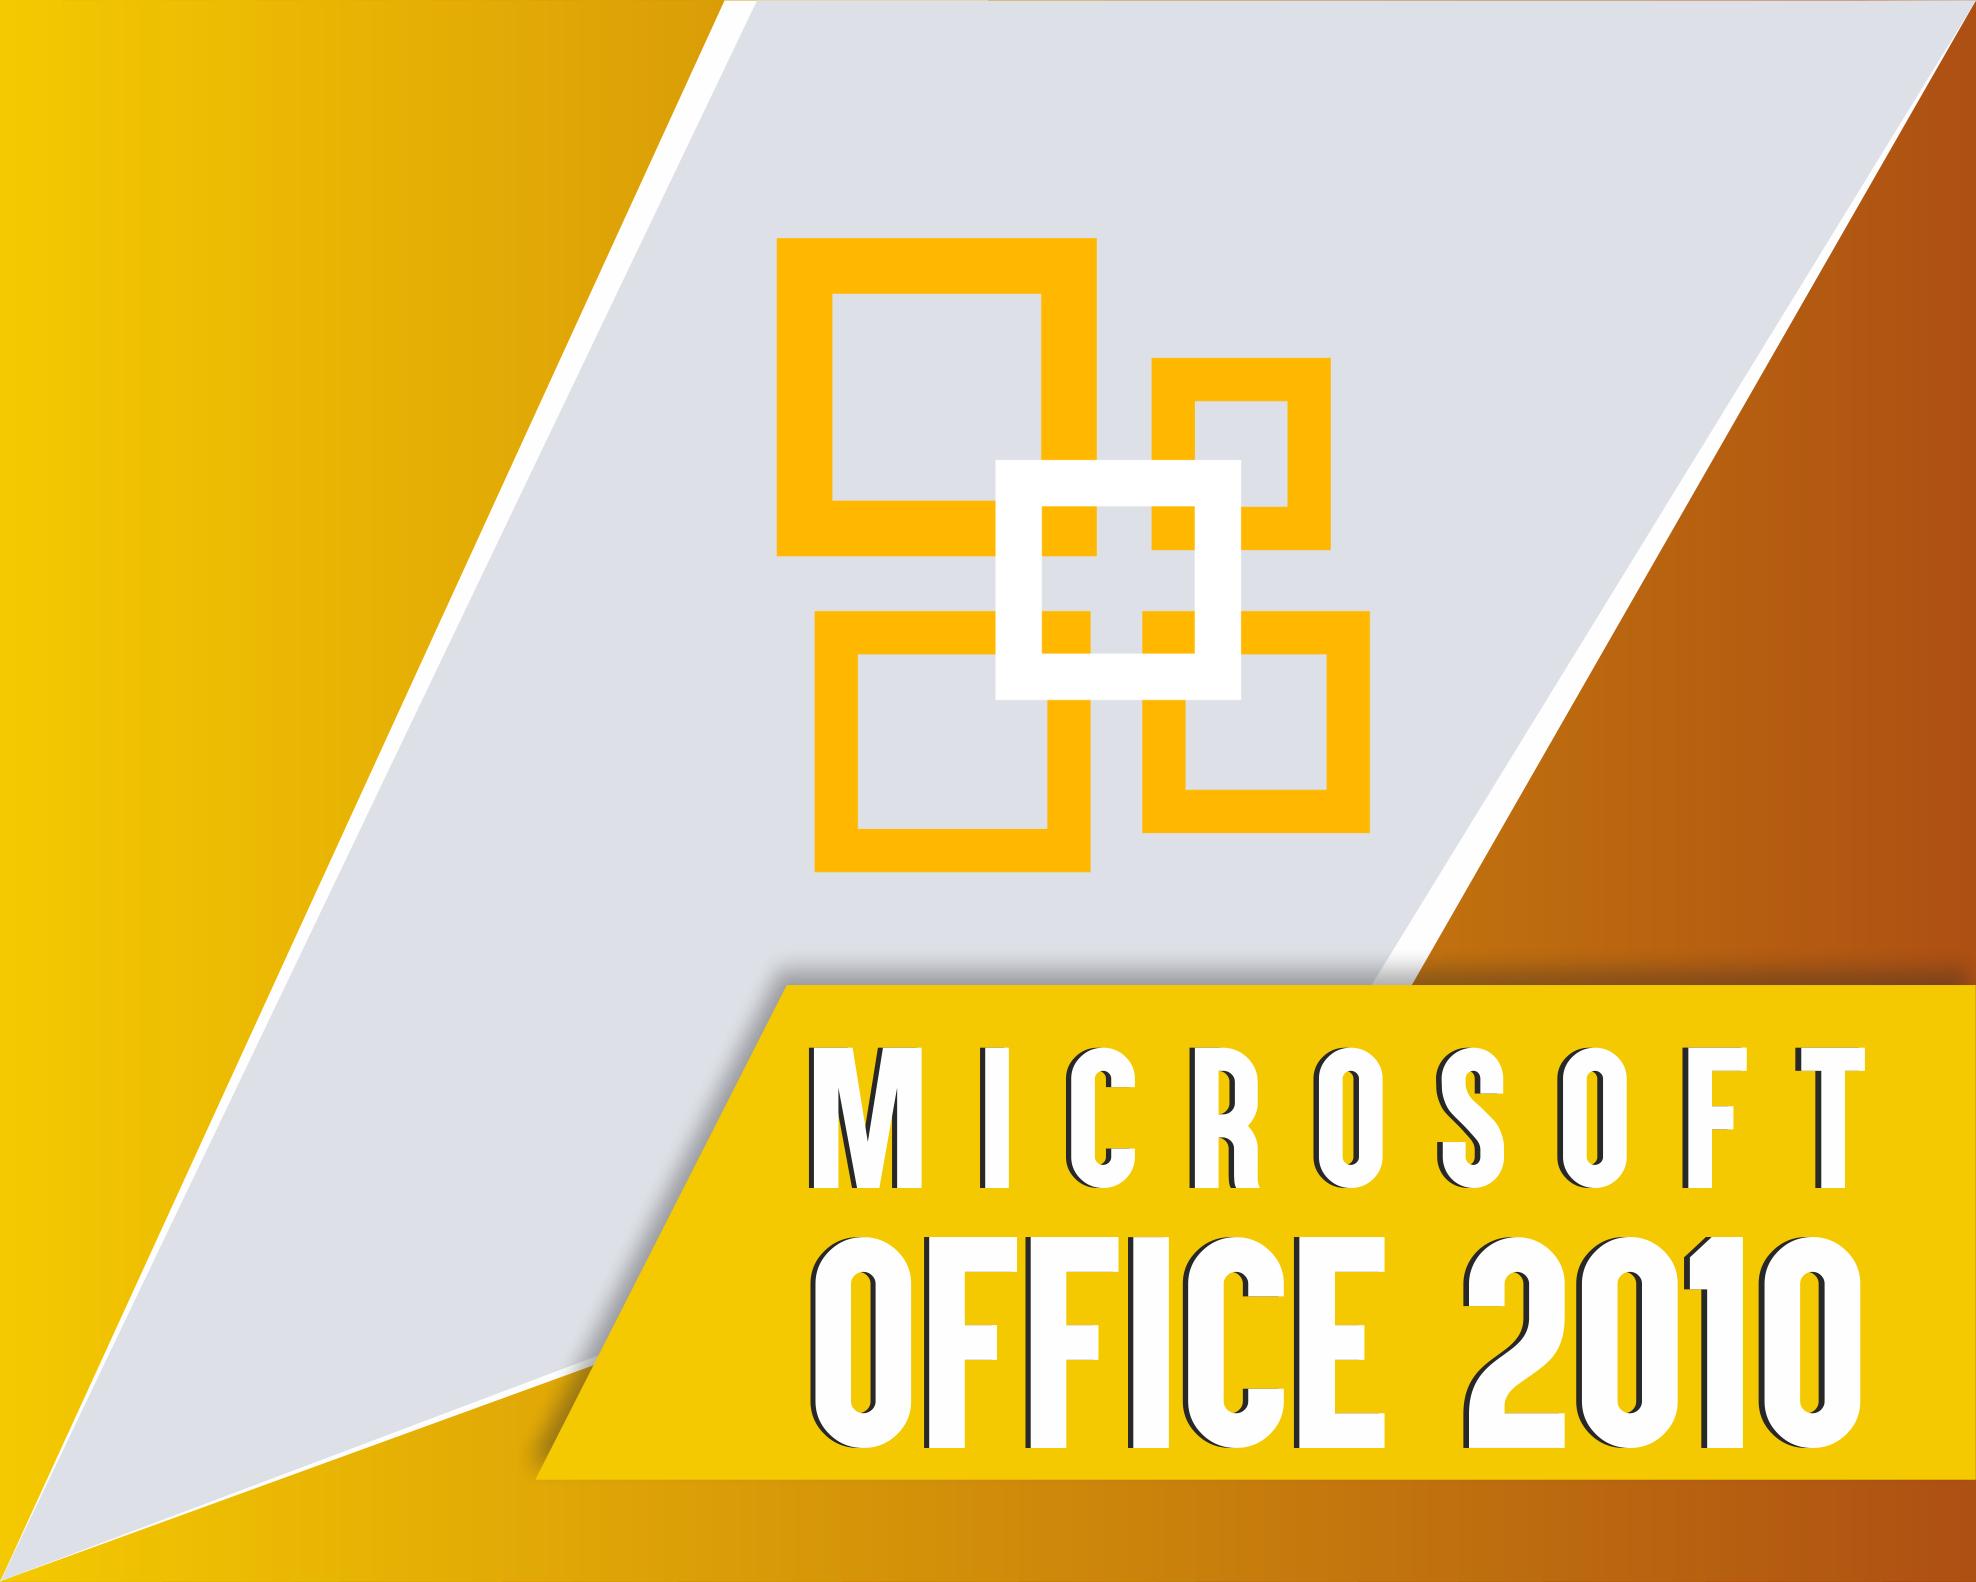 Pacote Office - Compreensão e Aplicação do Pacote Office - Word, Excel, Power Point.